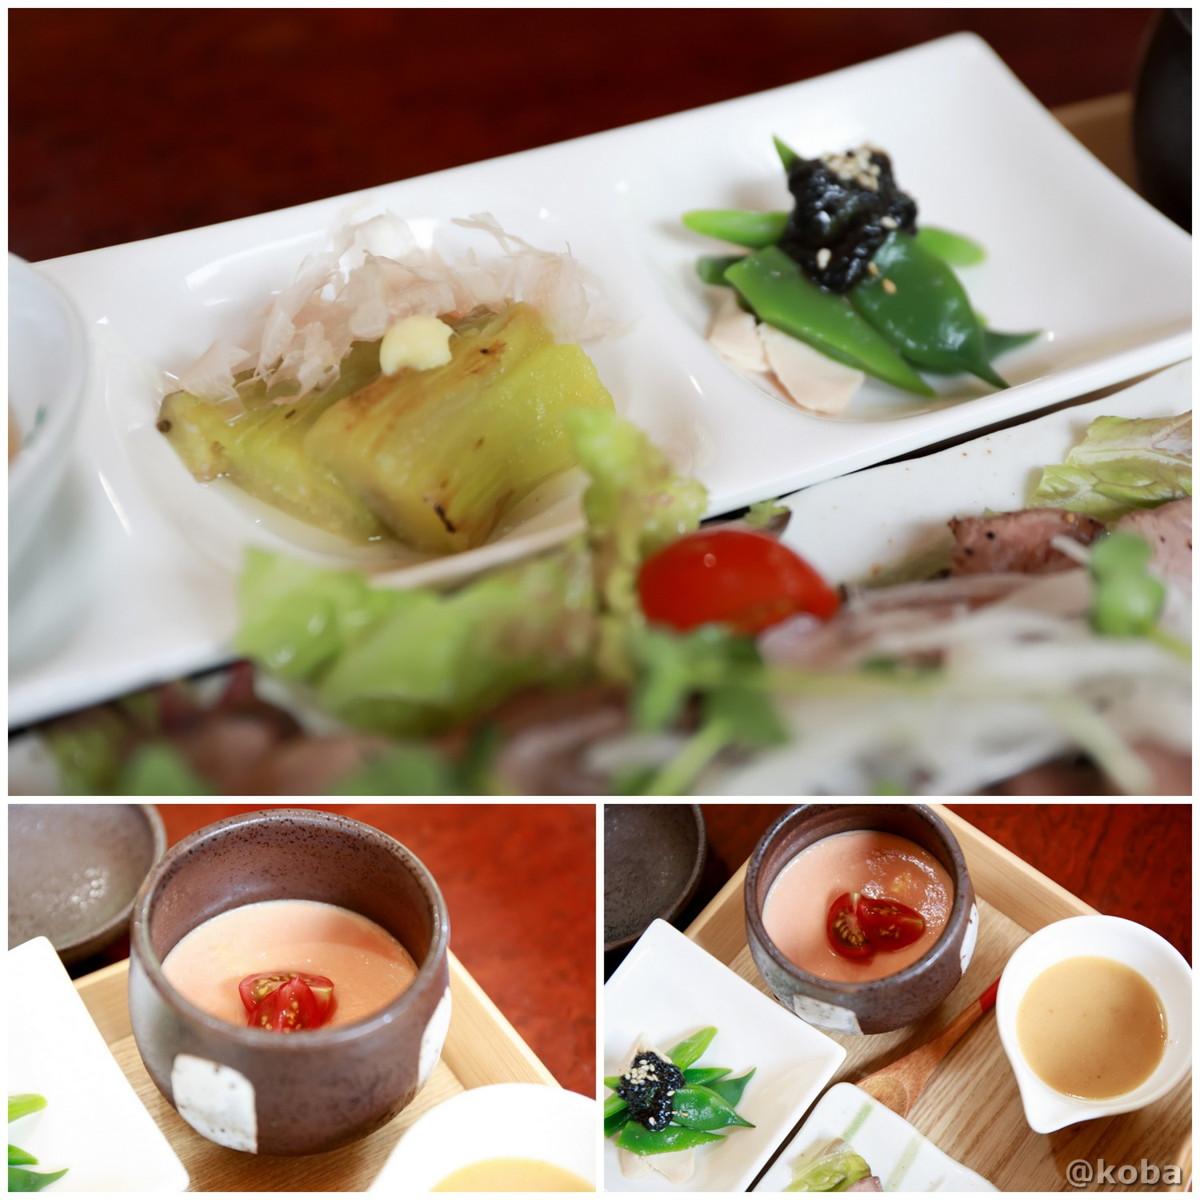 焼きナスの茄子の煮浸し・インゲンと蒸し鶏胡麻和え・トマトの冷製茶碗蒸し 花桃の里 休み処 すみよしや 長野県駒ヶ根市